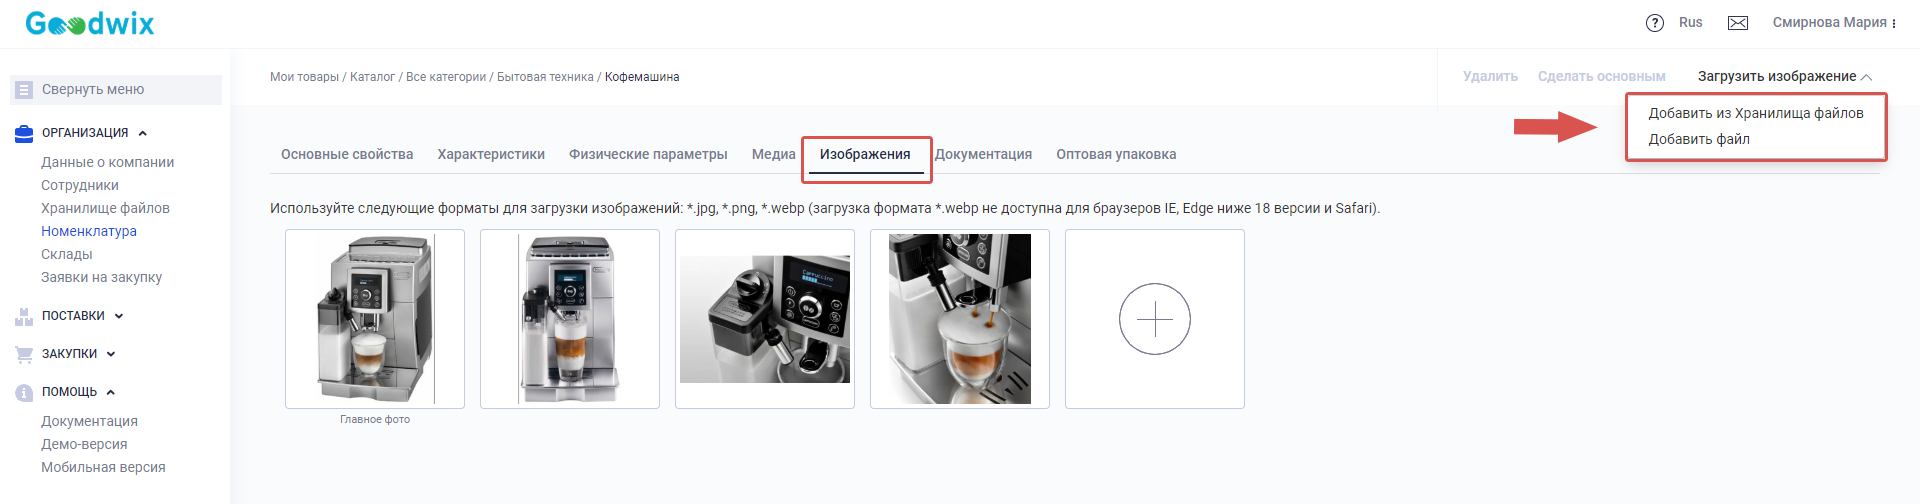 Загрузка дополнительных изображений в карточку товара_Руководство по работе с каталогом